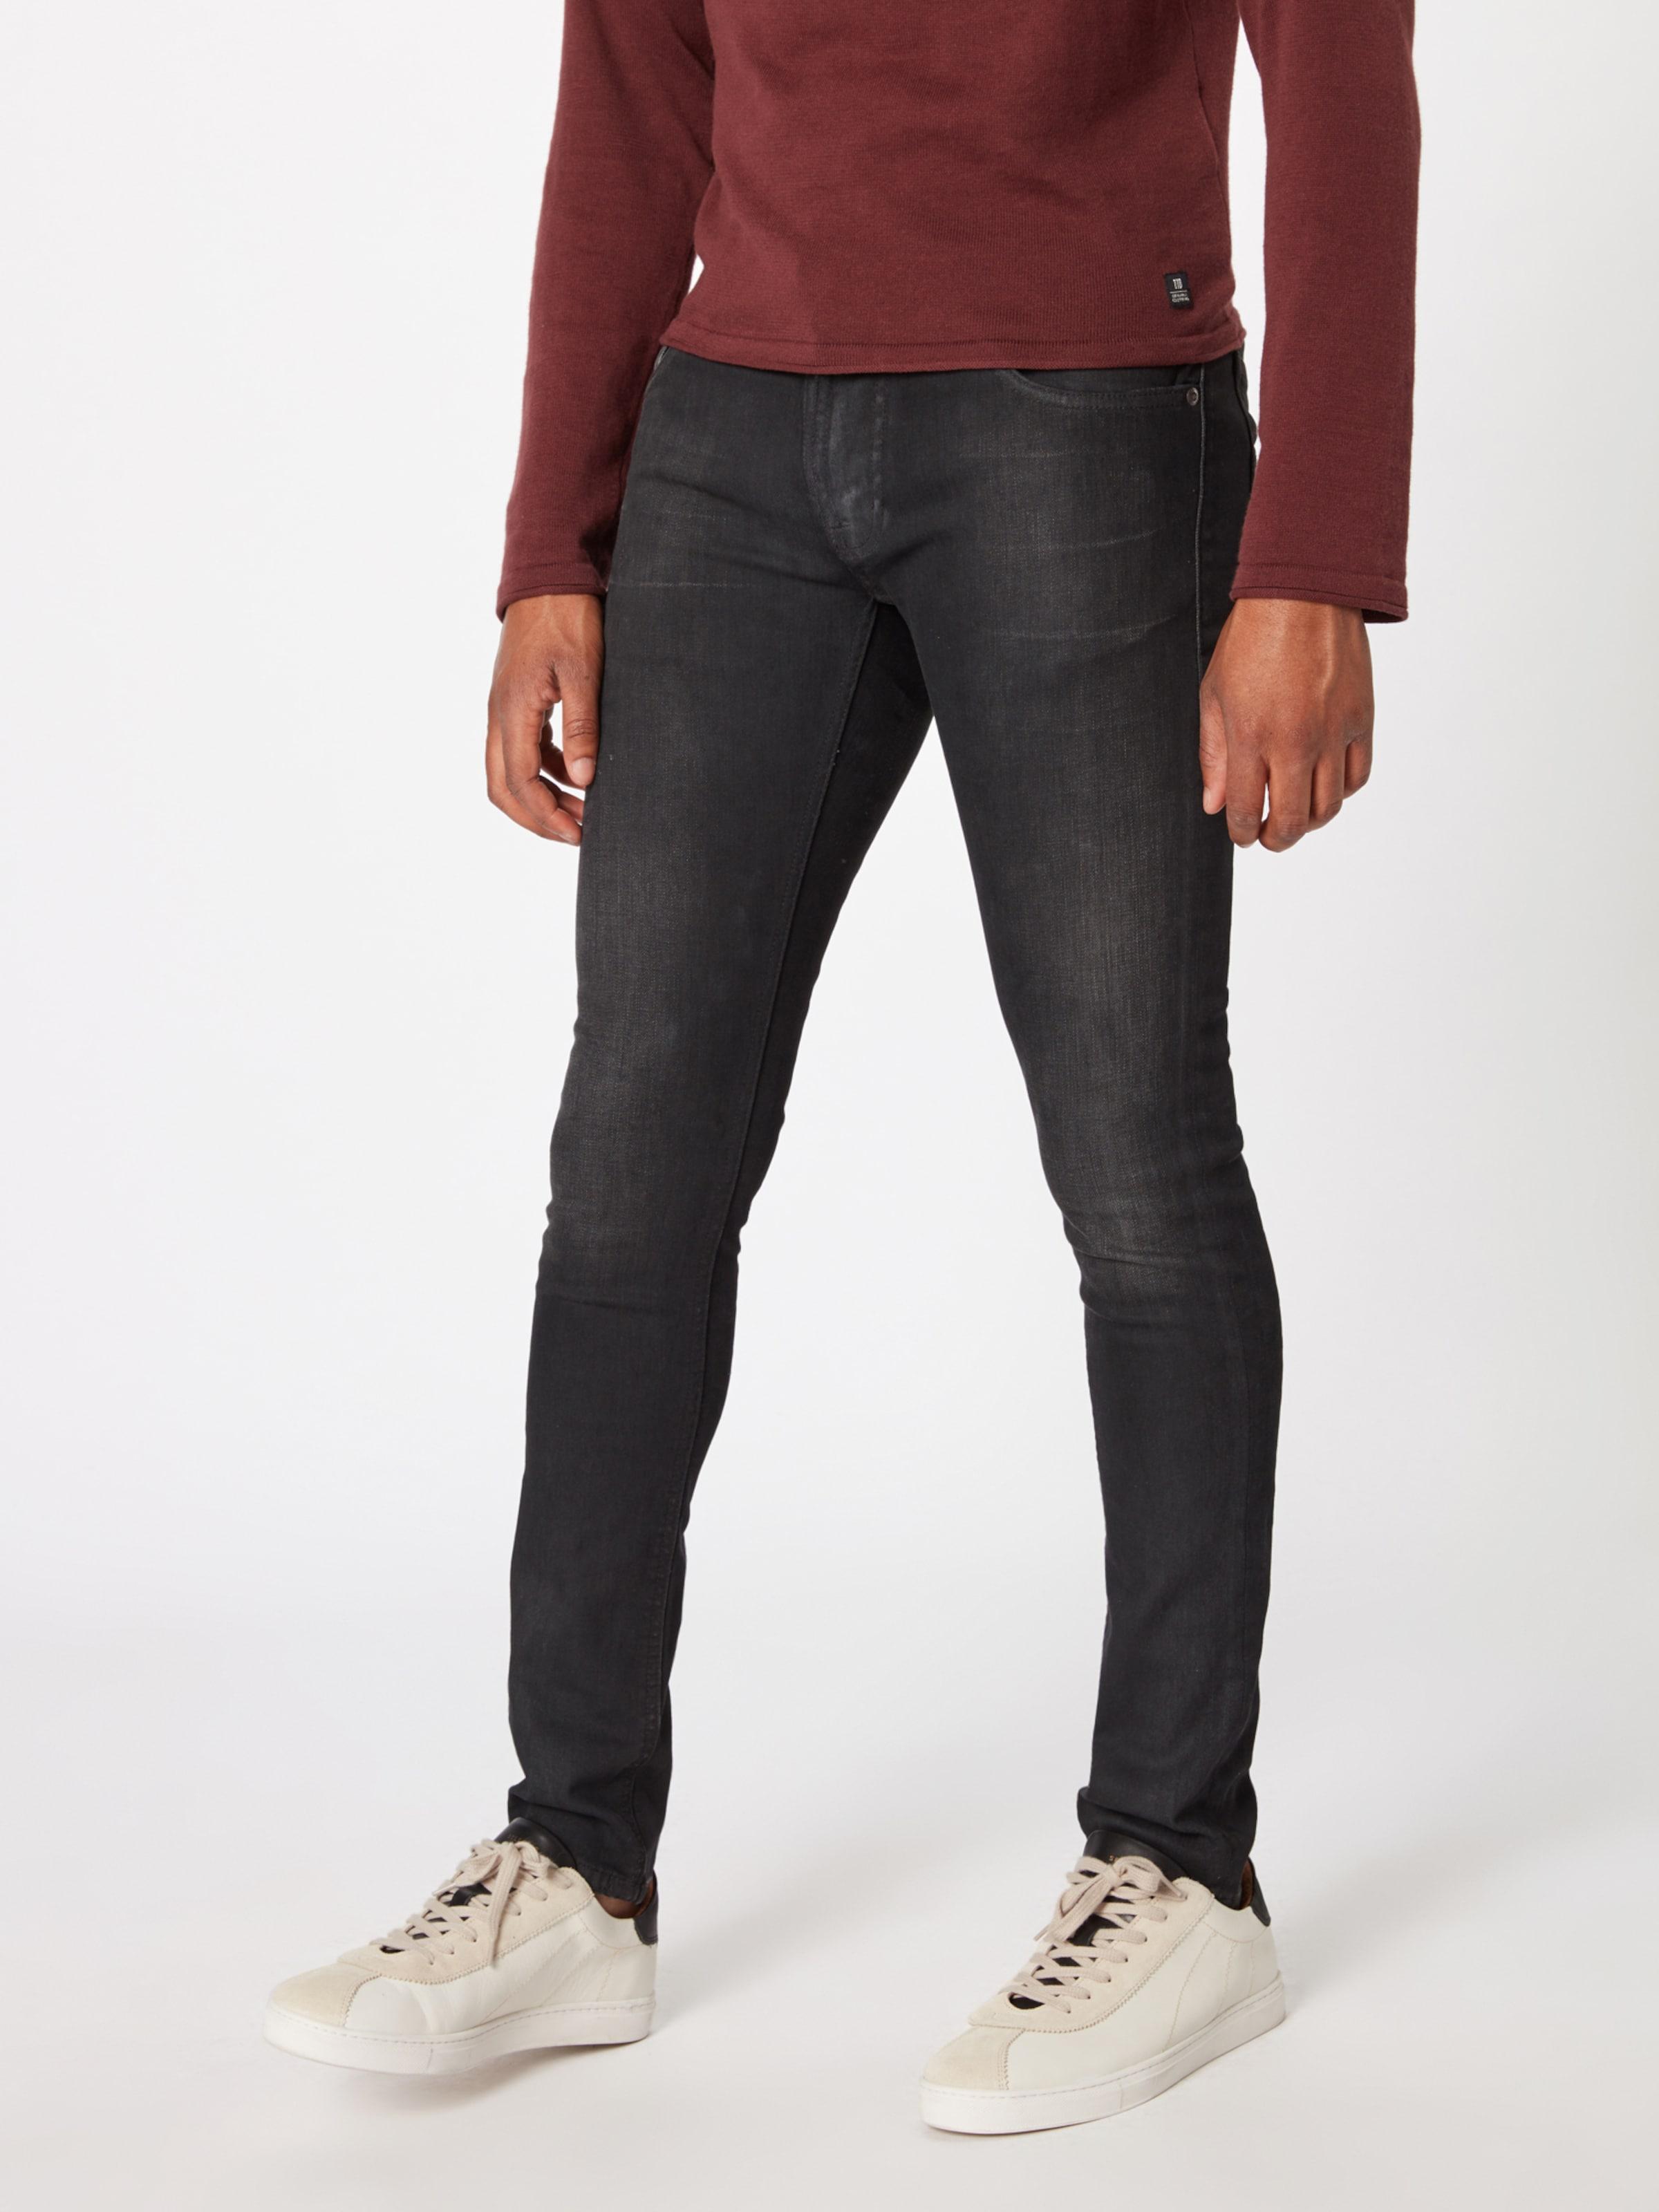 Denim En Nudie Co Noir 'tight Terry' Jean Jeans FTKlc3J1